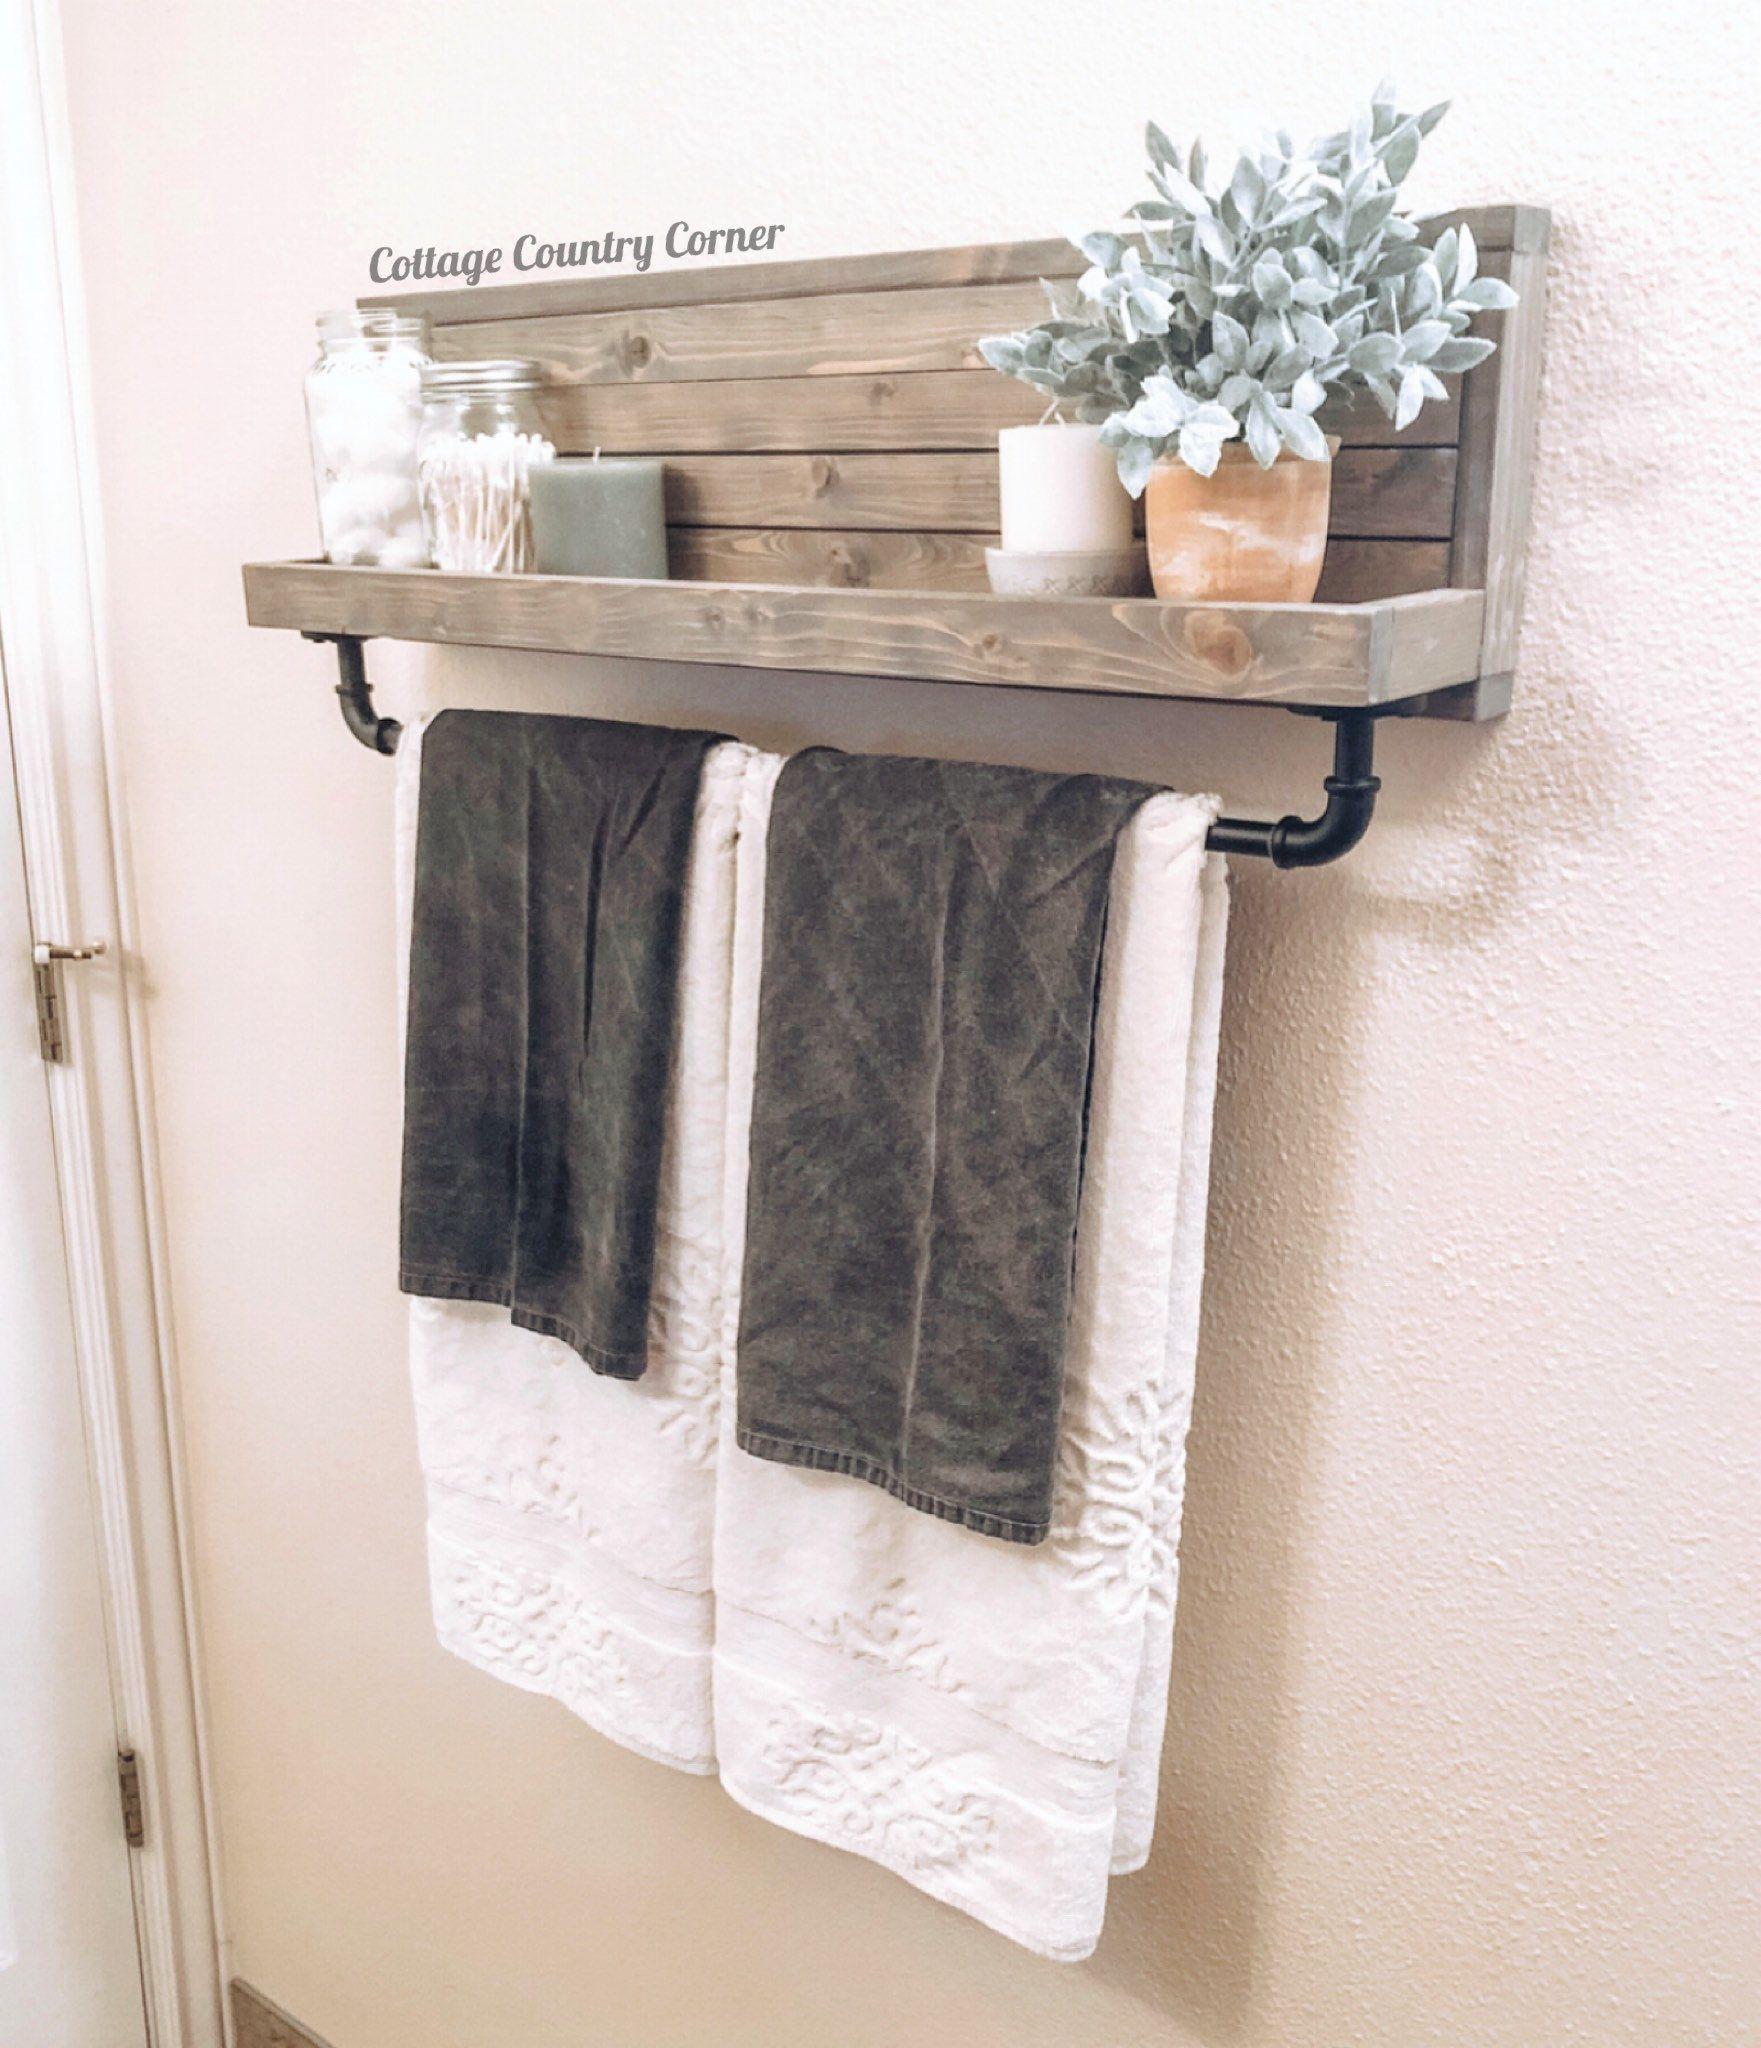 Handle Towels On Towel Bar Tied With Tassels Bathroom Towel